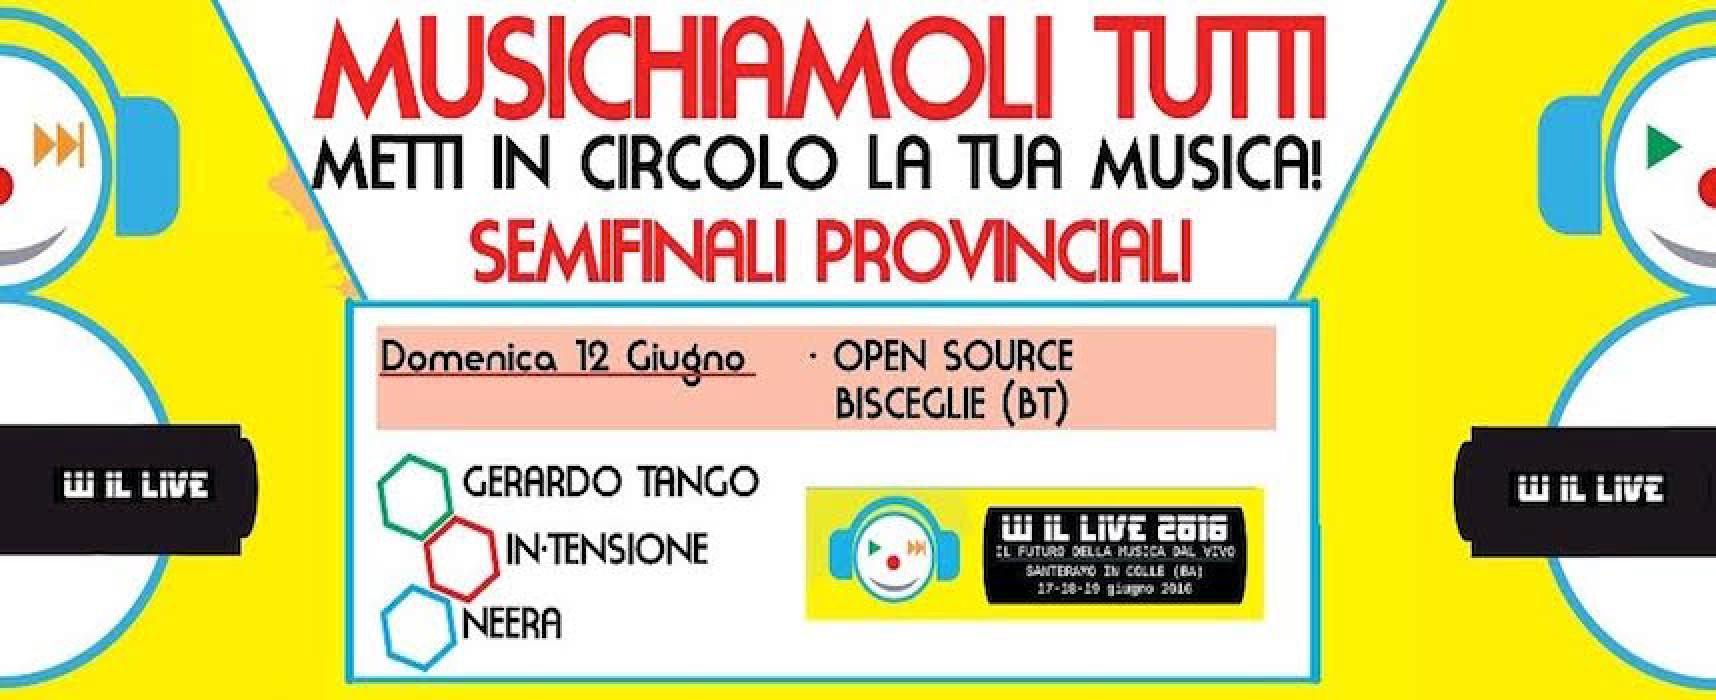 """Open Source, oggi la semifinale del contest musicale """"W il live"""""""